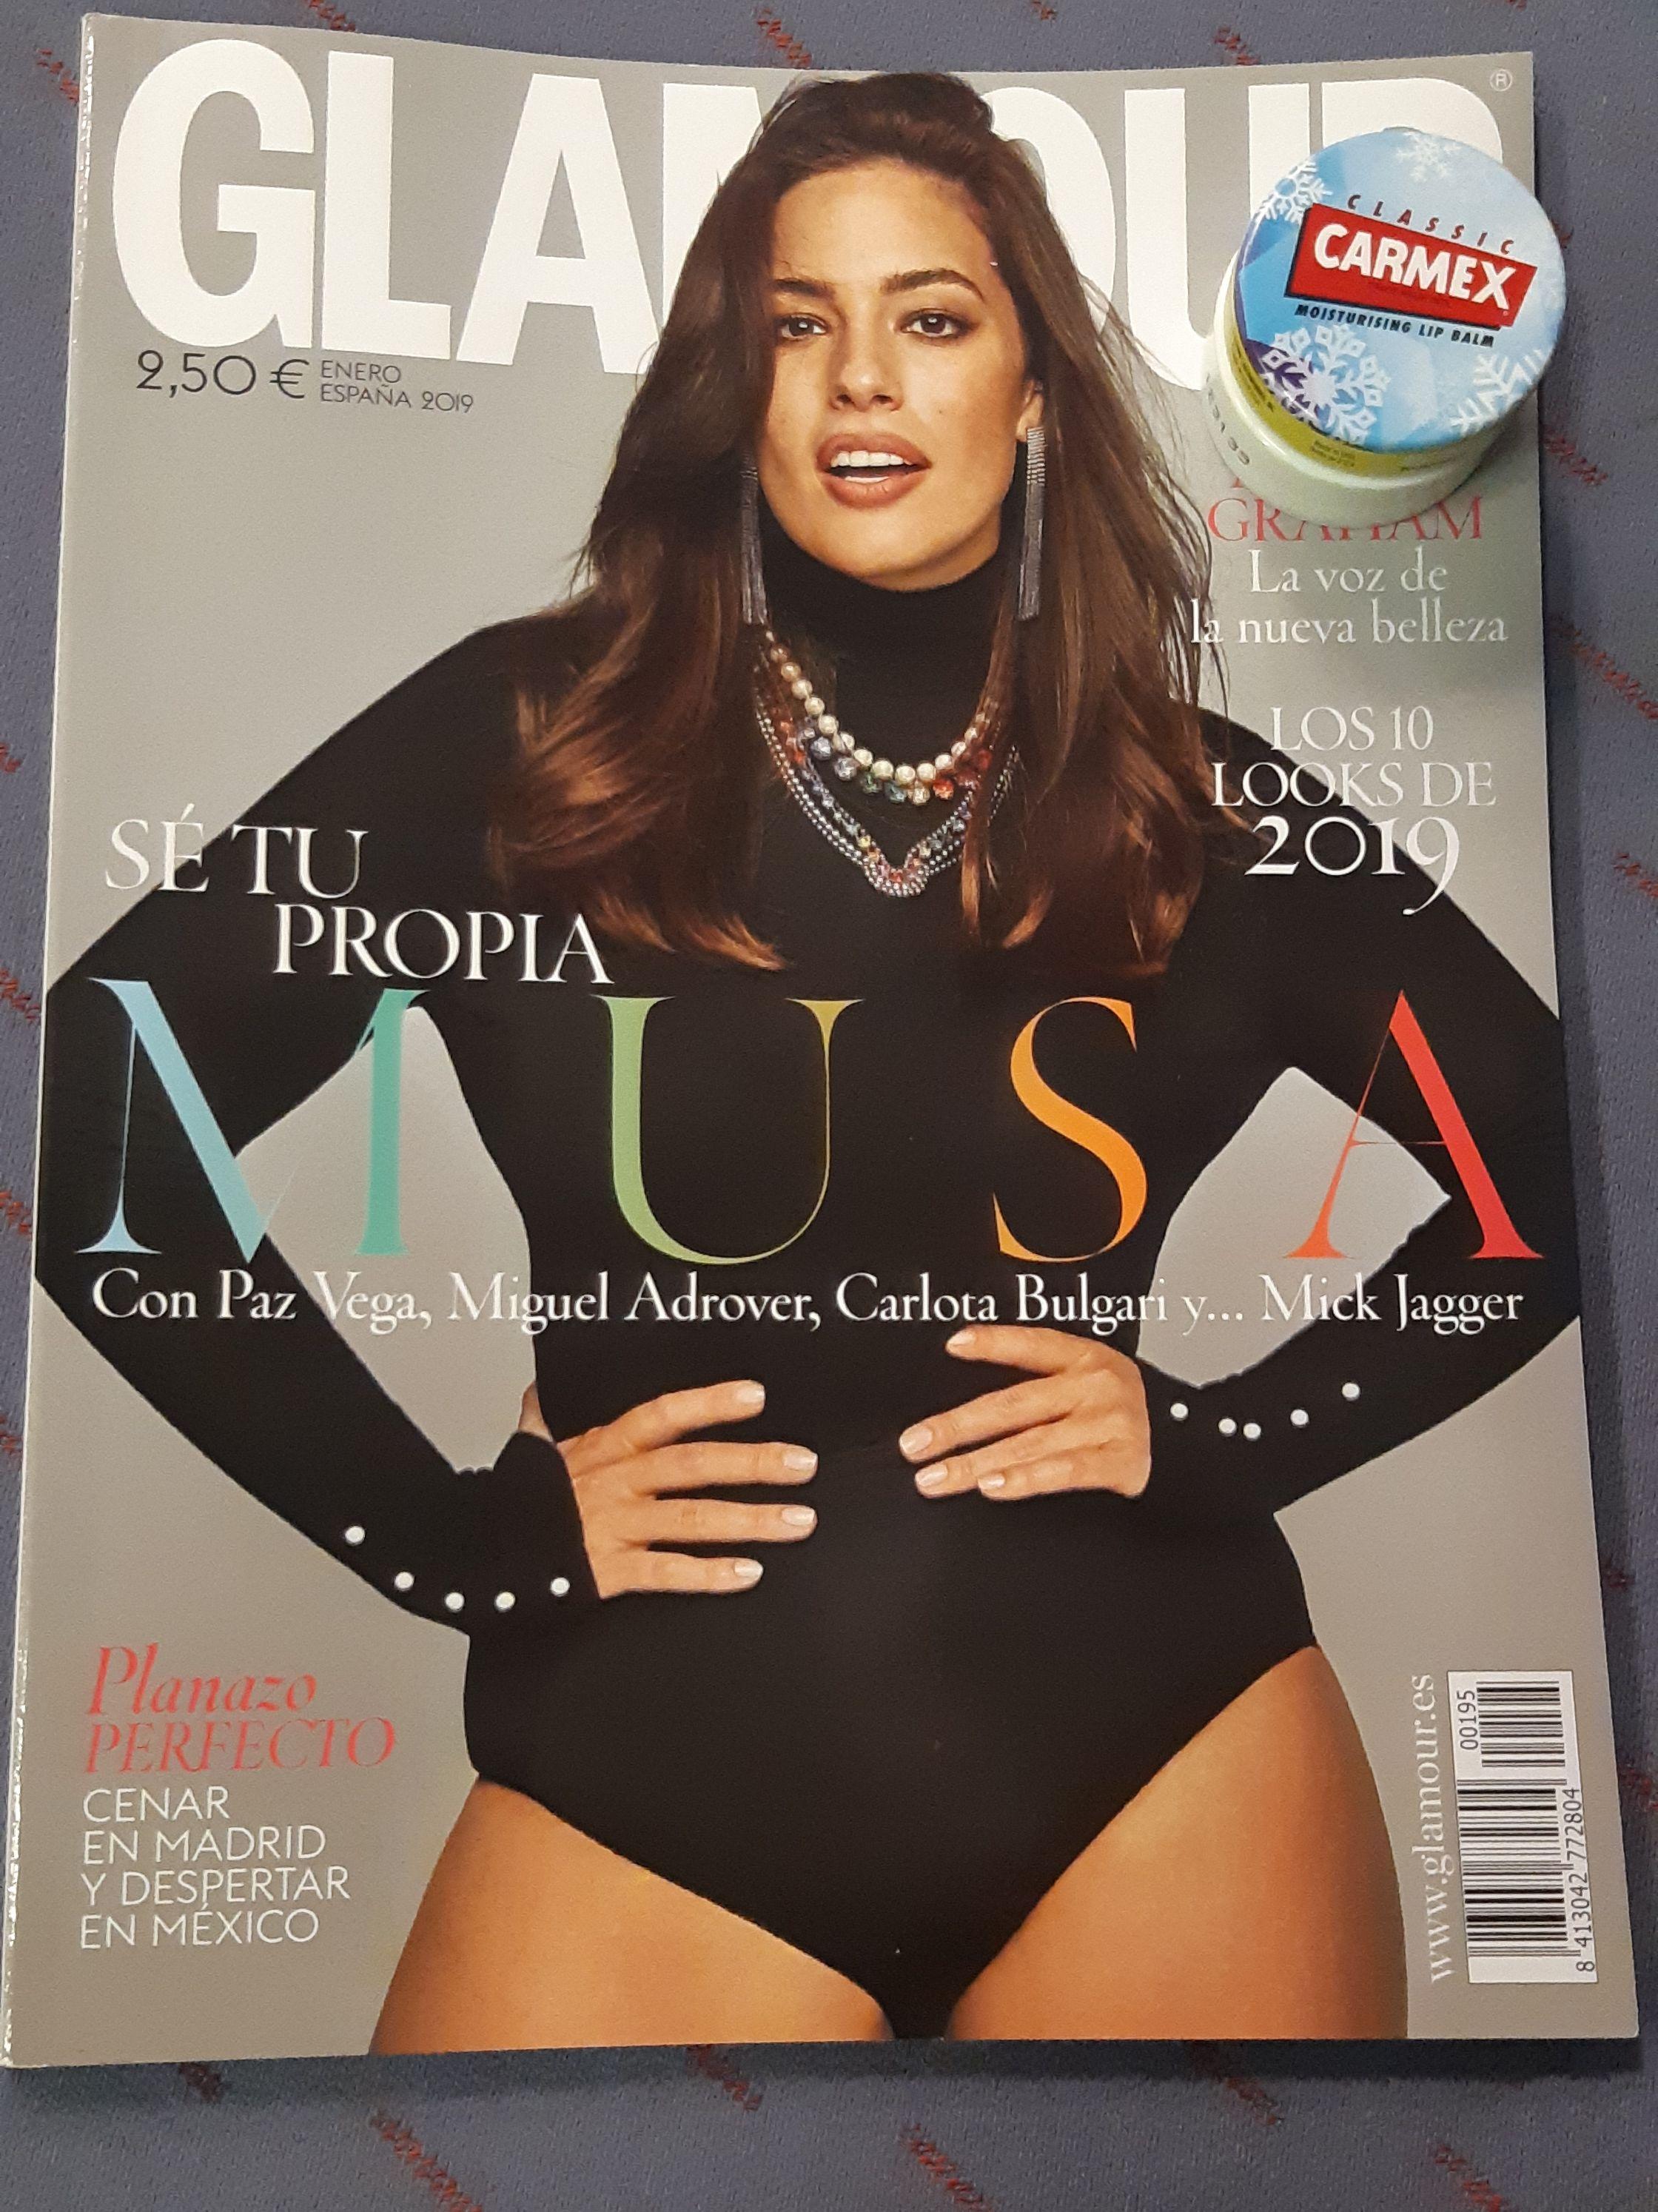 Promoción Carmex con al revista Glamor